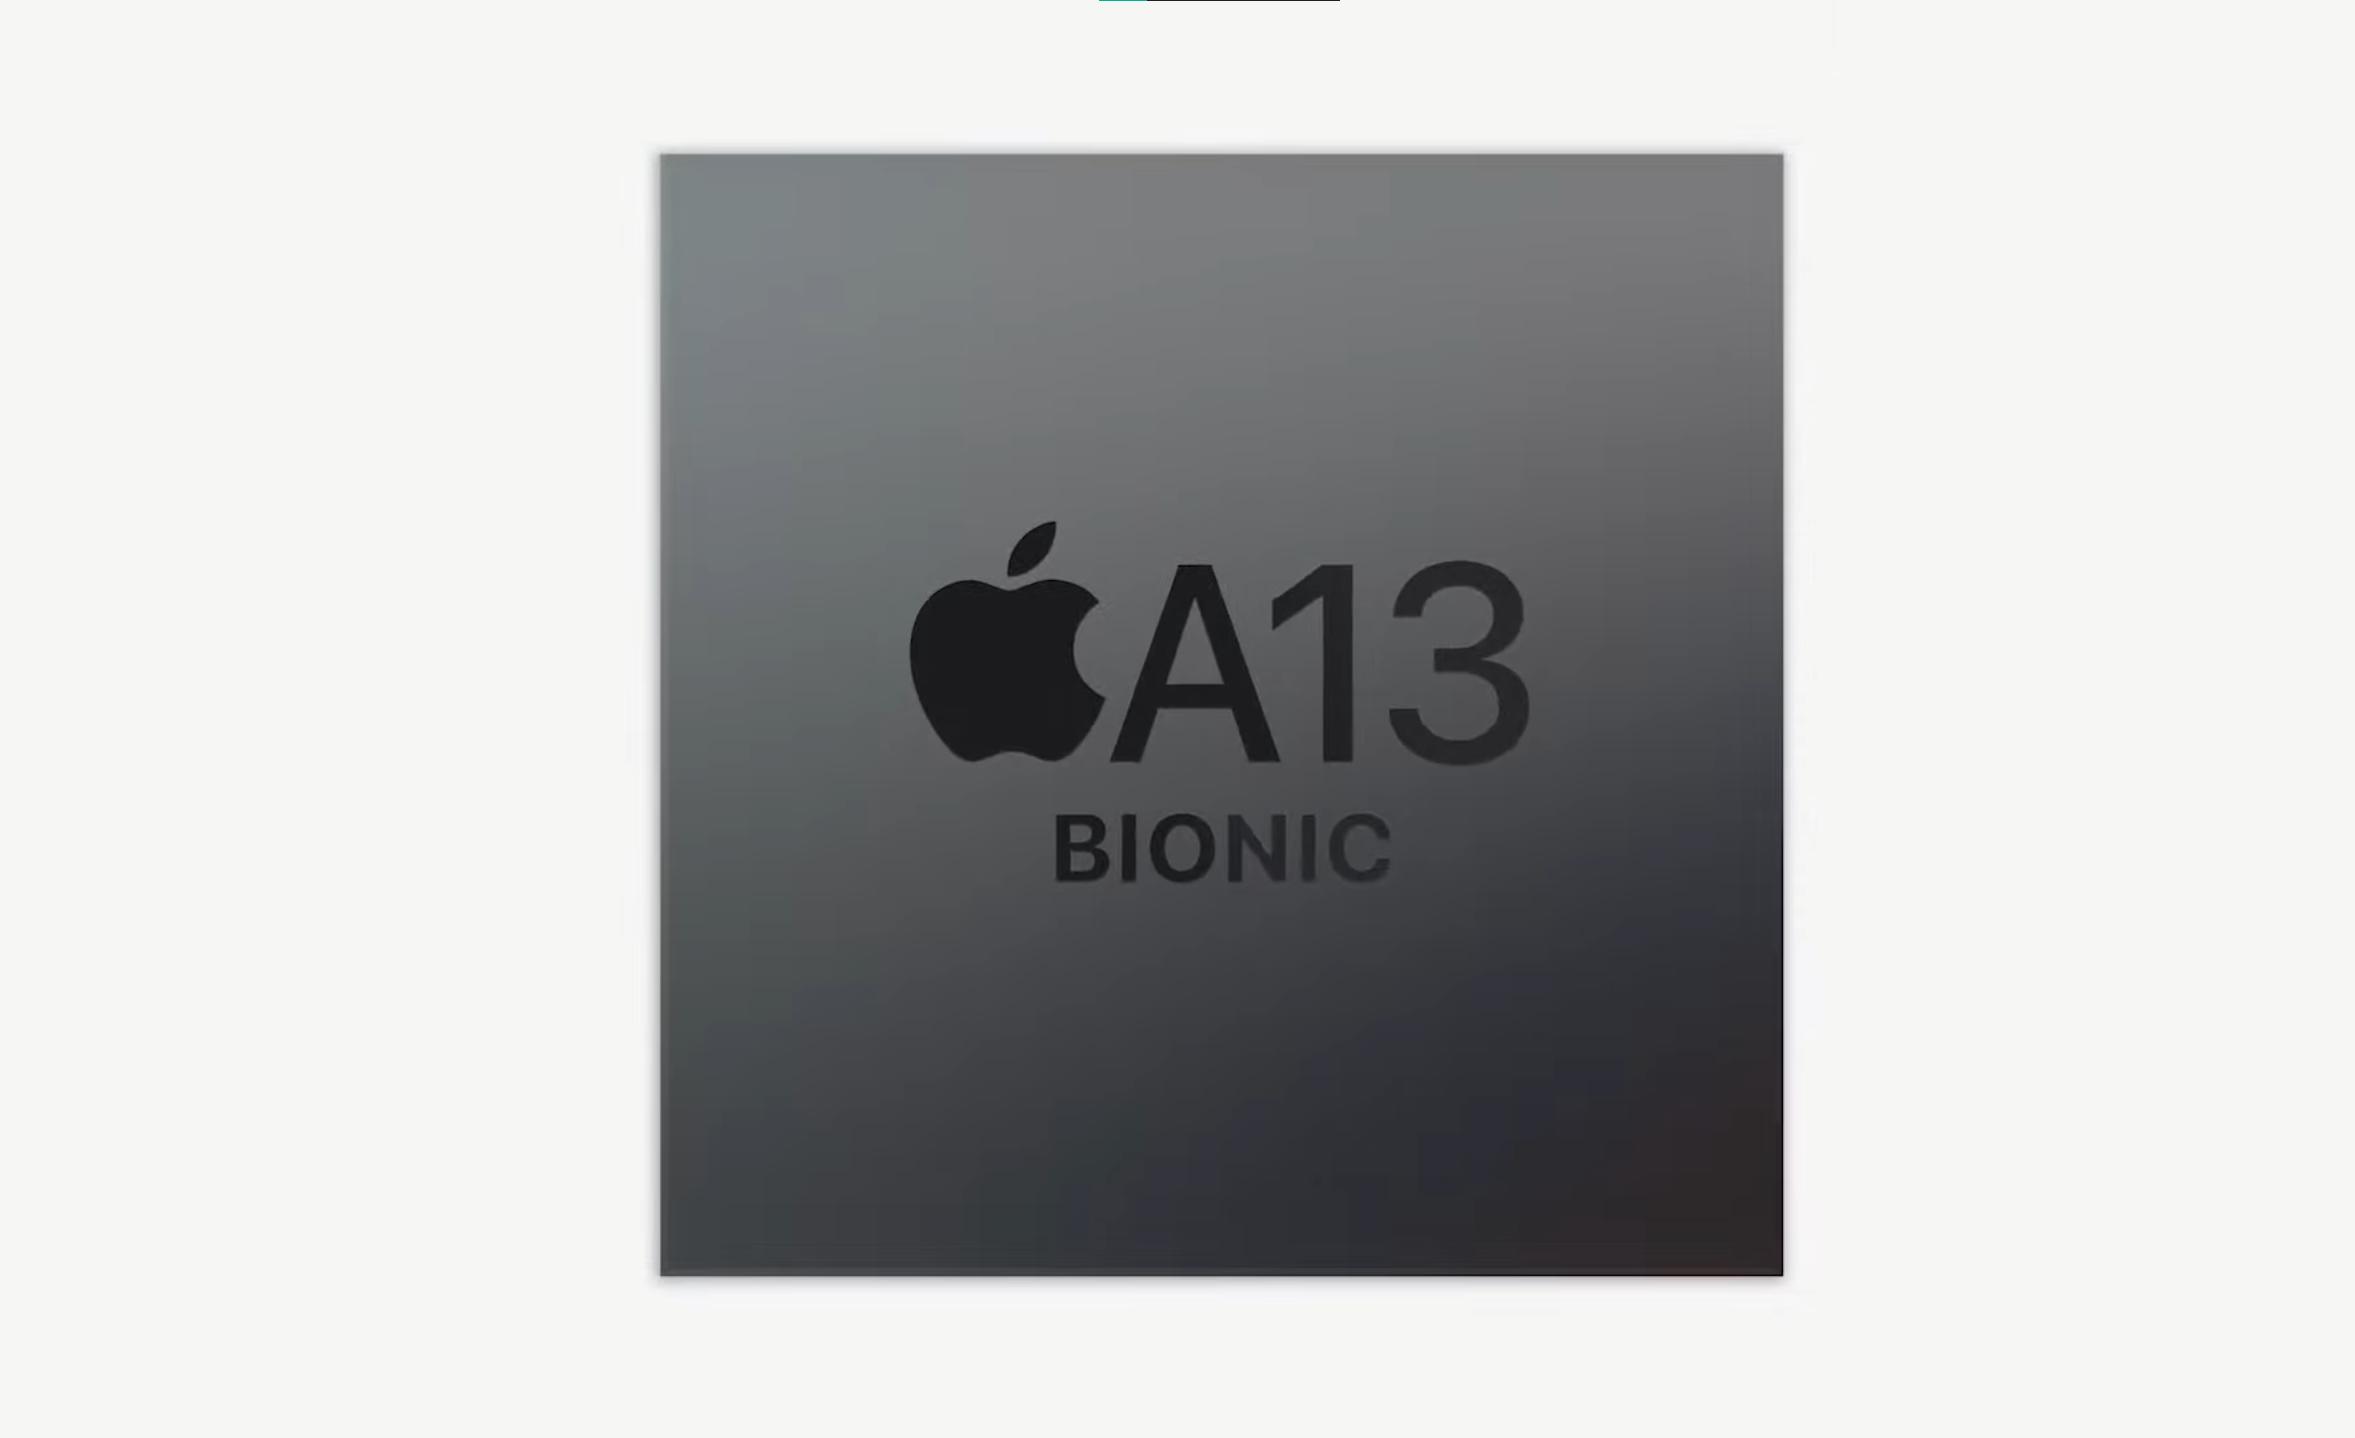 A13 Bionic er brikken vi finner på innsiden av iPad Mini og iPad. Den skal være betydelig raskere enn forrige generasjon.